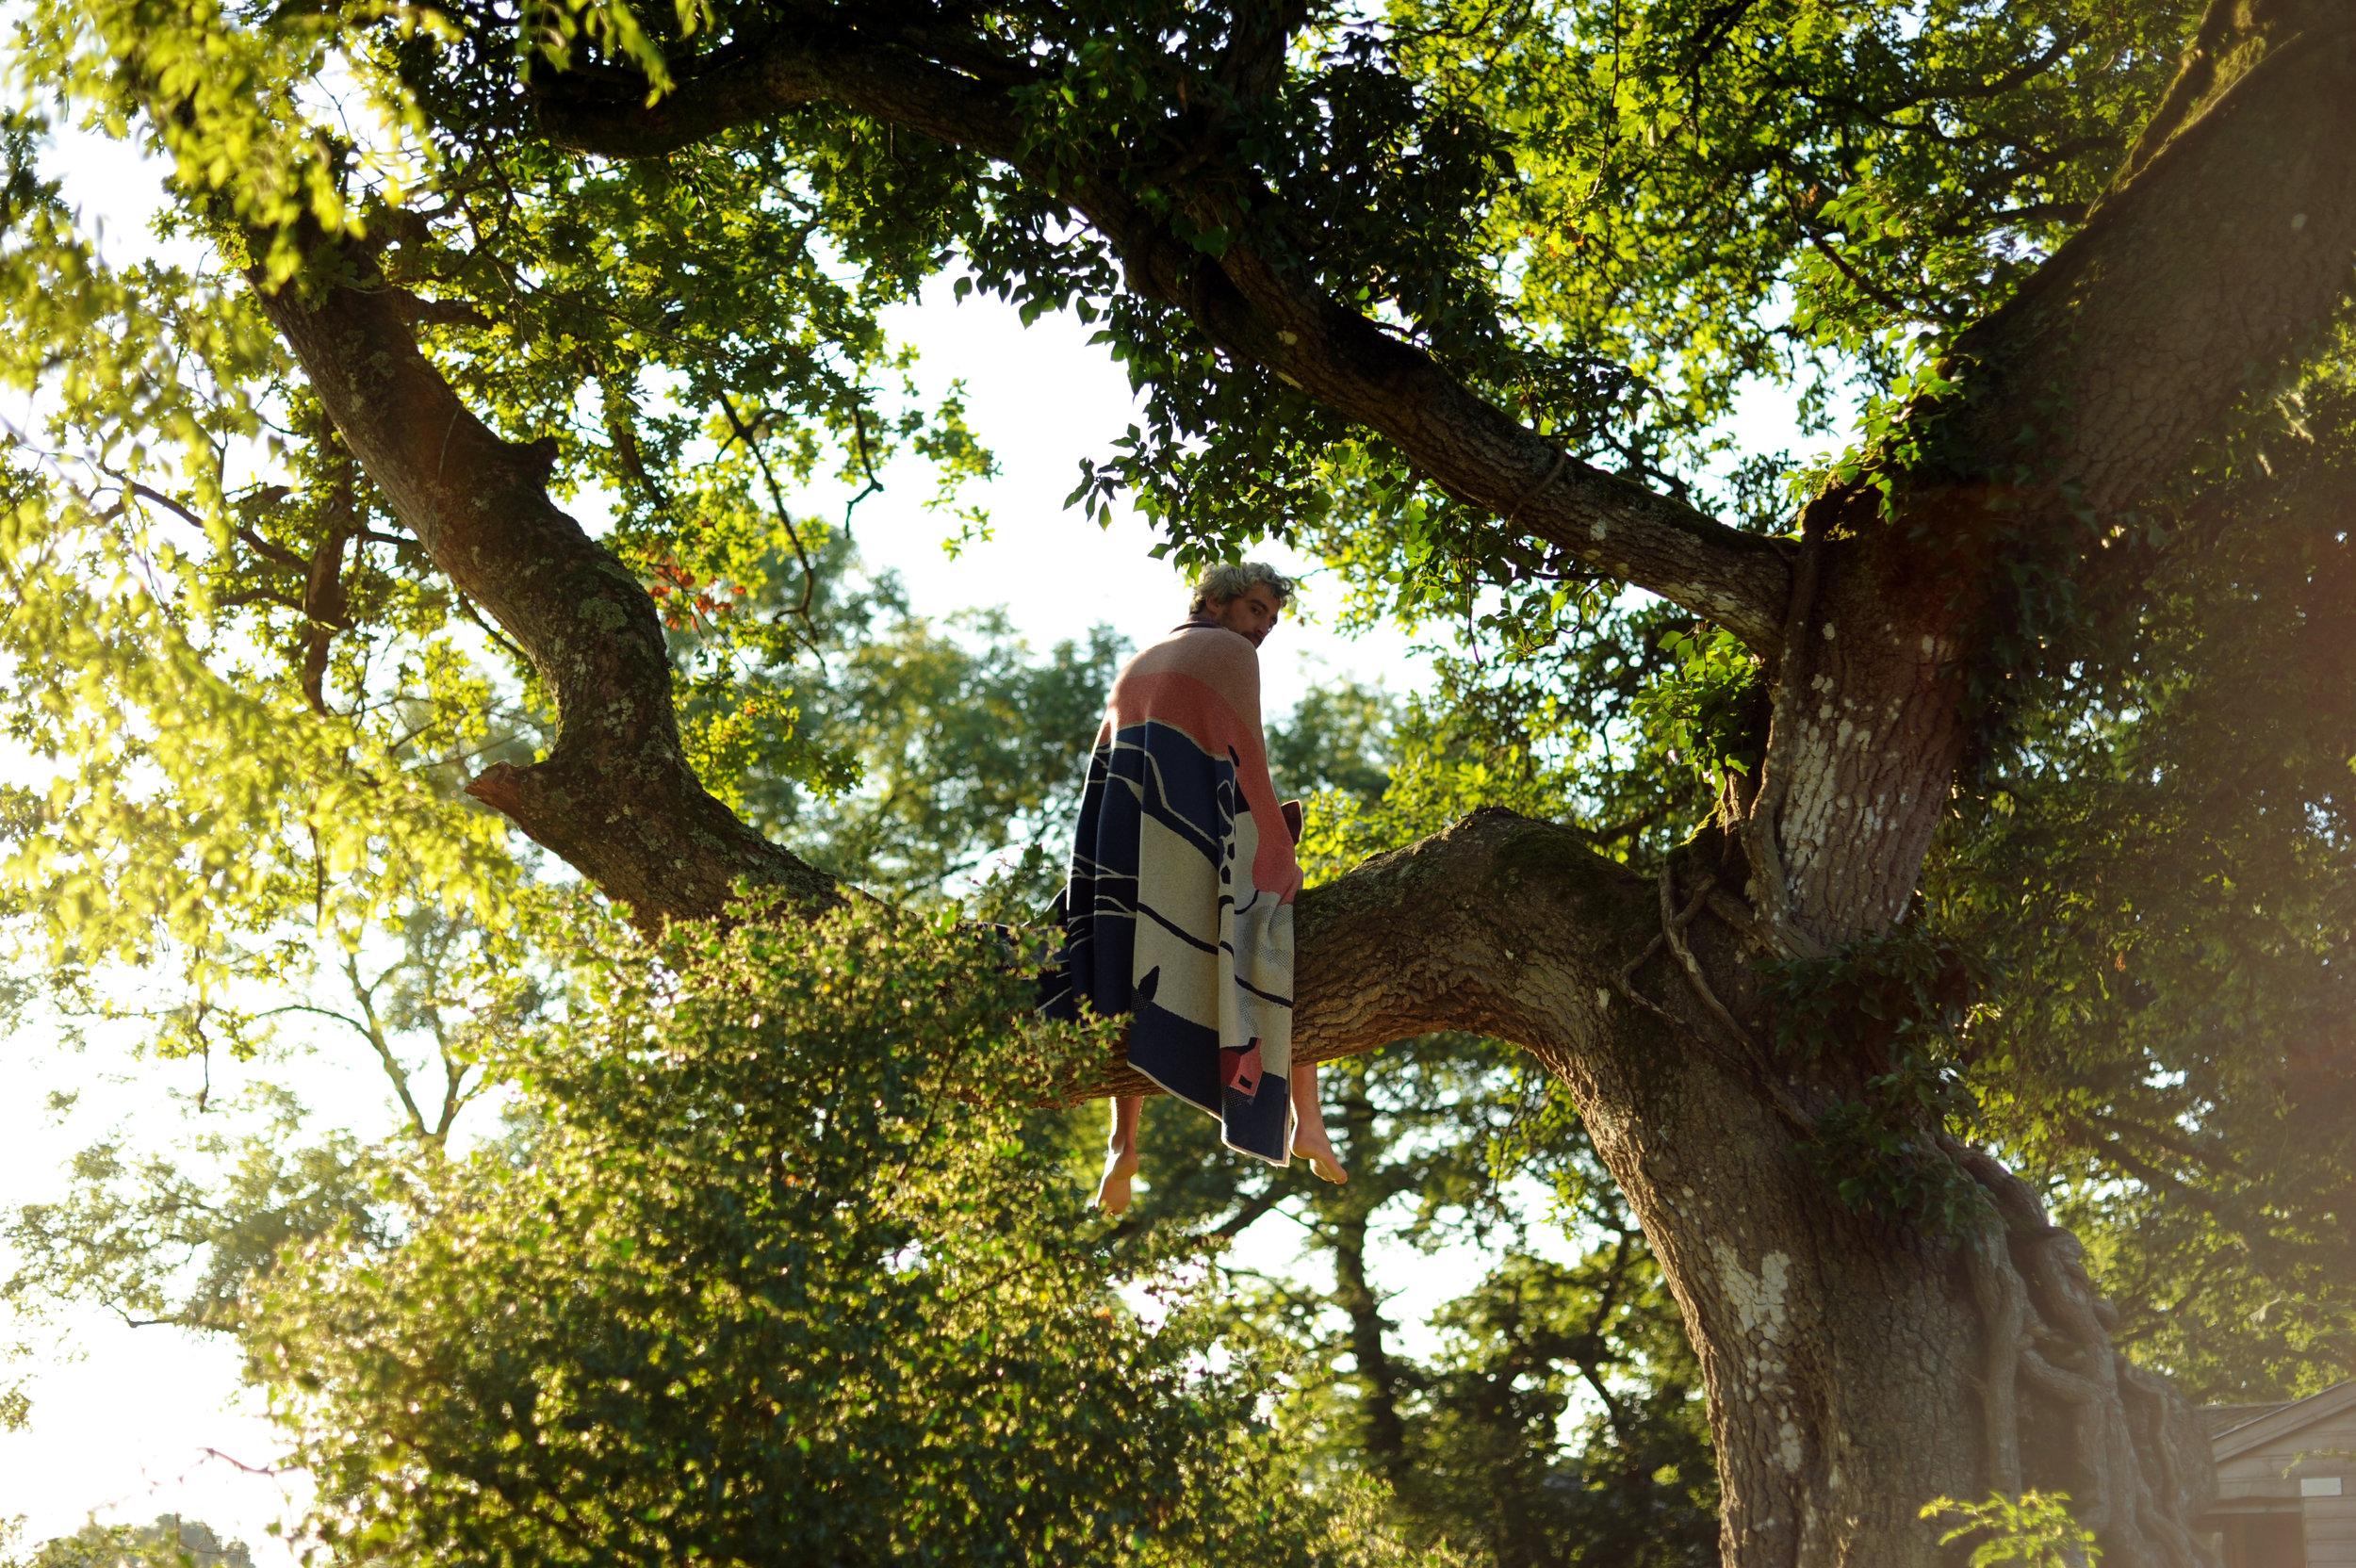 Feldspar textiles, Jeremy up a tree with indigo moor blanket